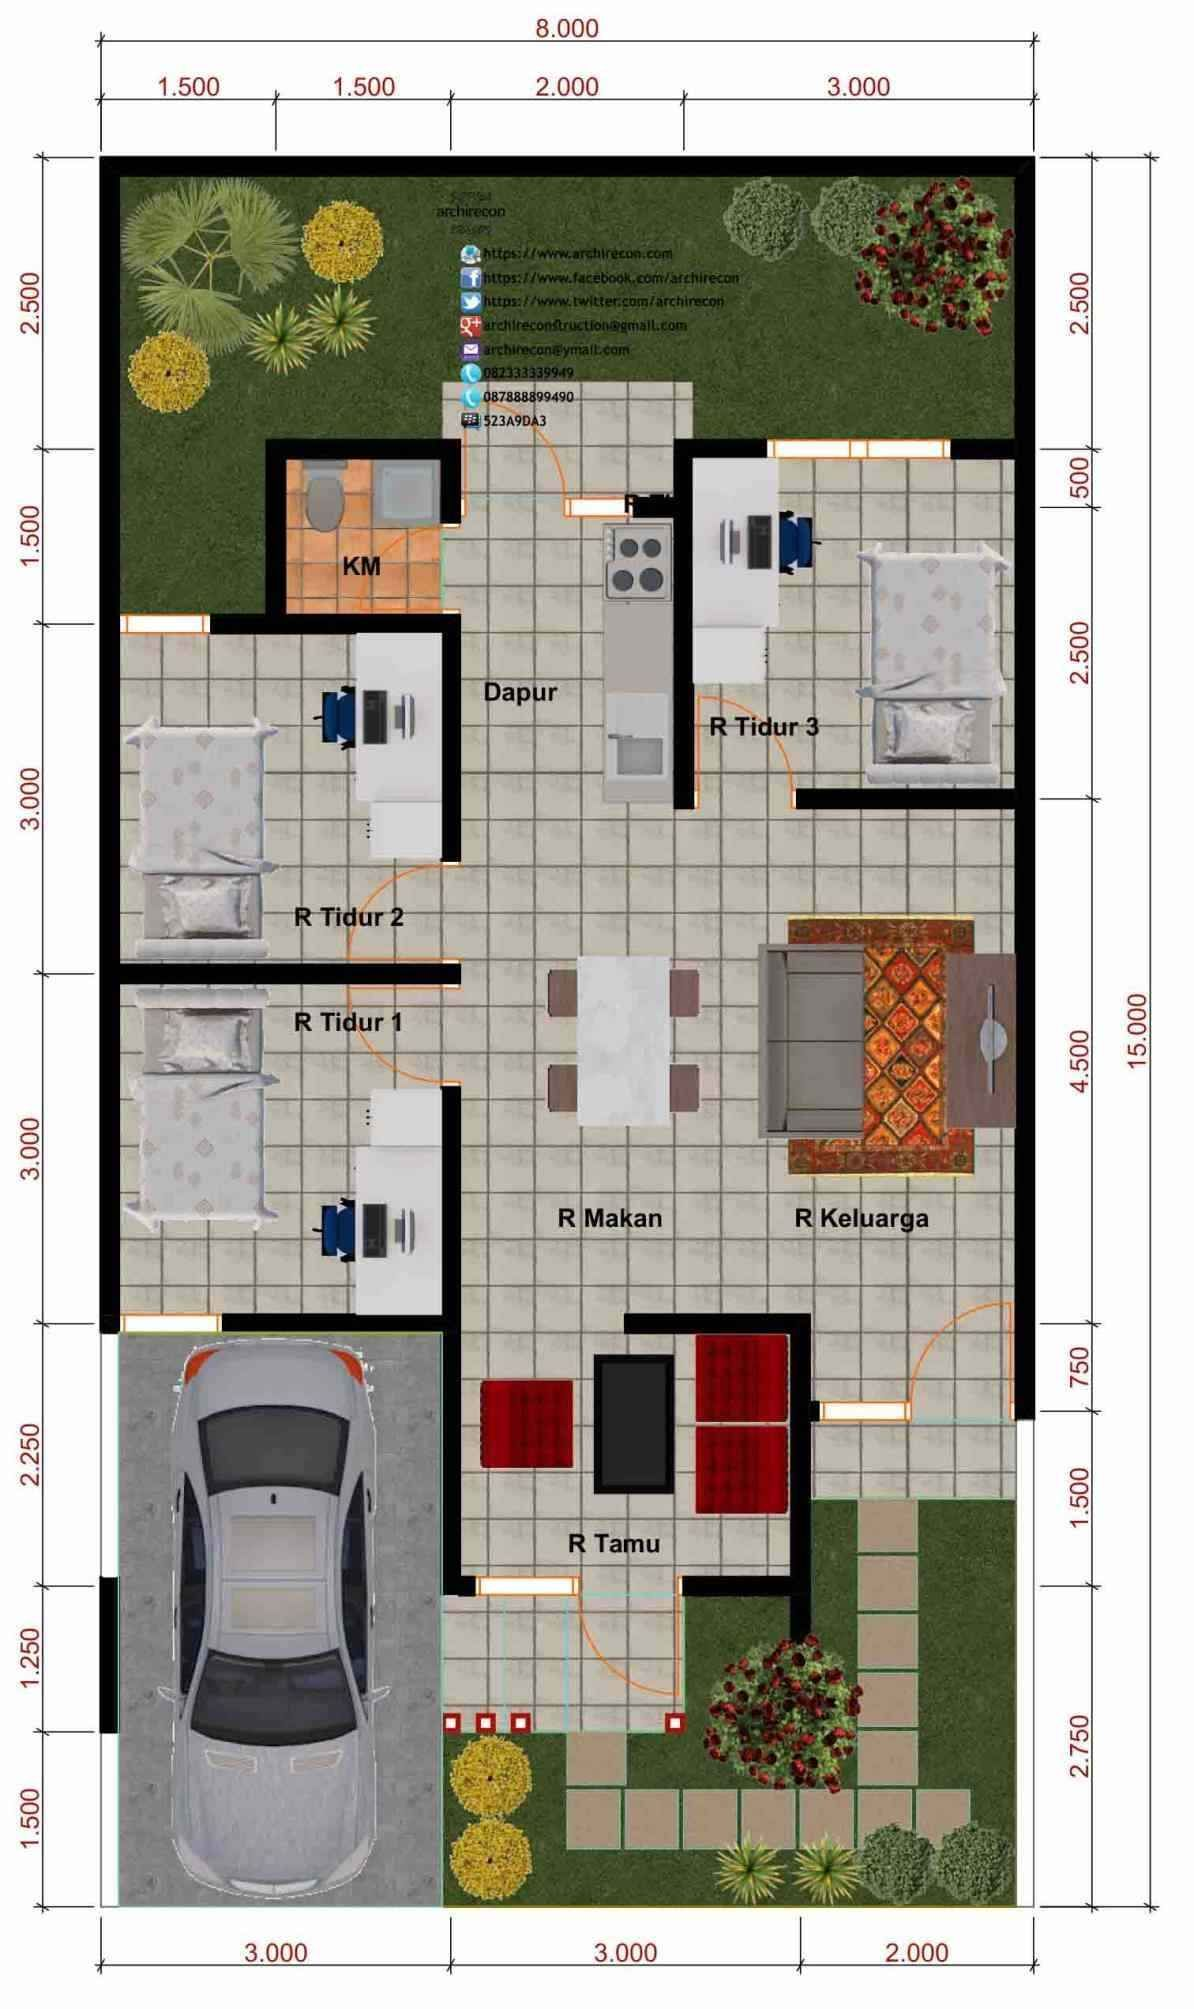 Denah Rumah Minimalis 2 Kamar Ukuran 8x10 Content